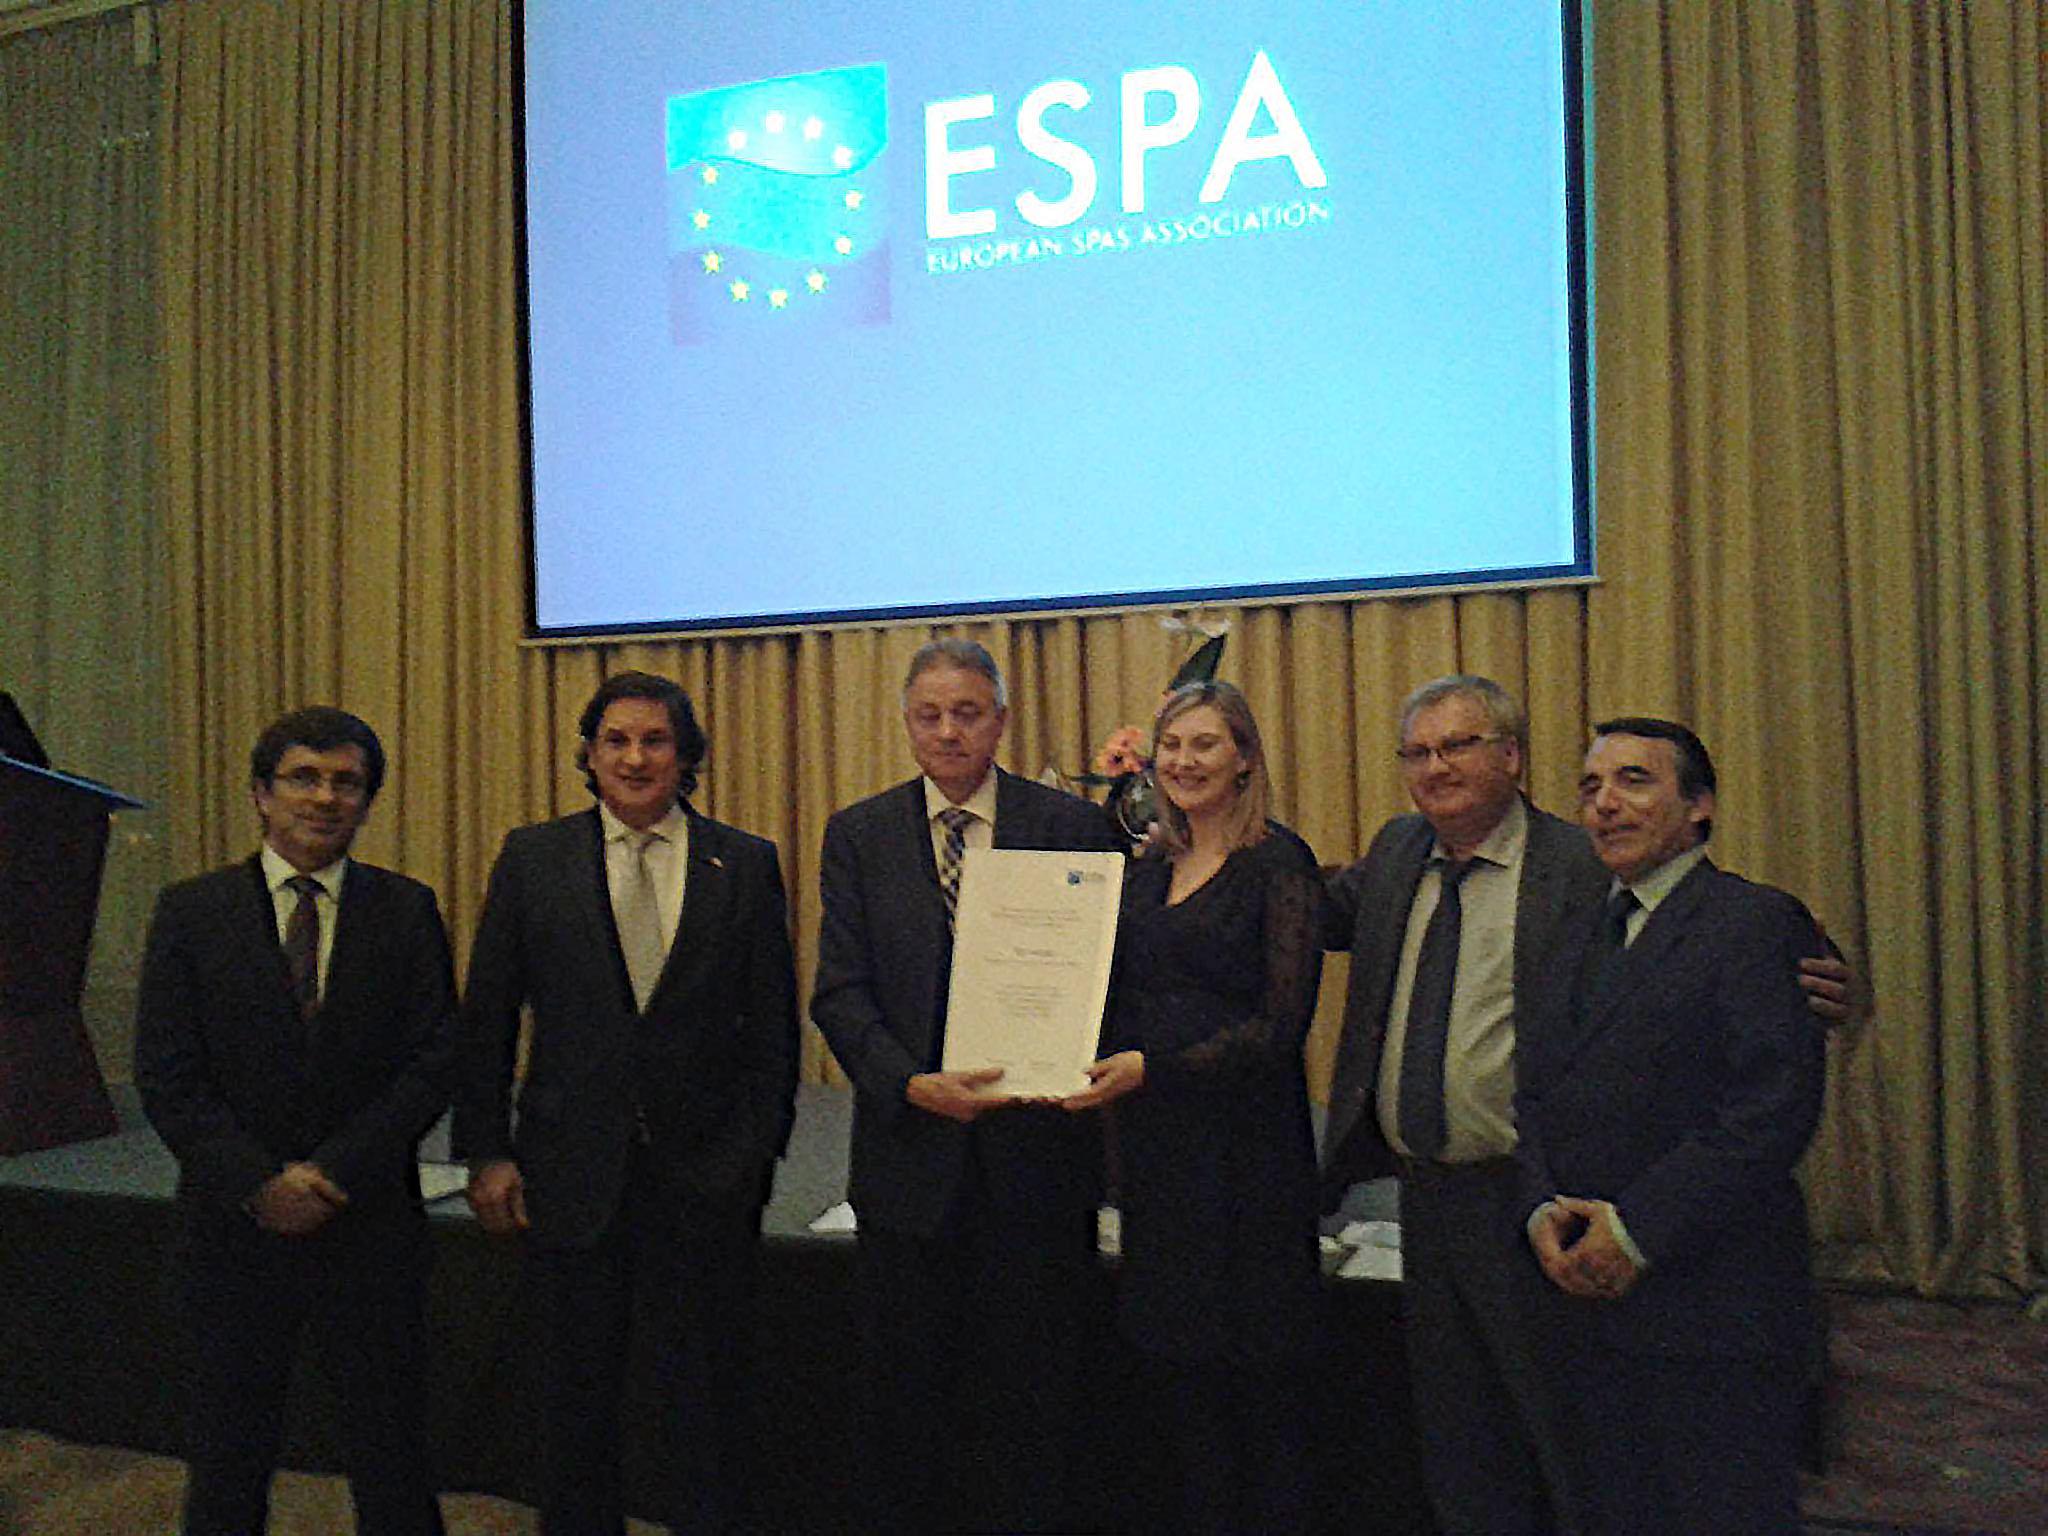 Termatalia recibe el reconocimiento de la European Spa Association a su trayectoria y promoción del termalismo